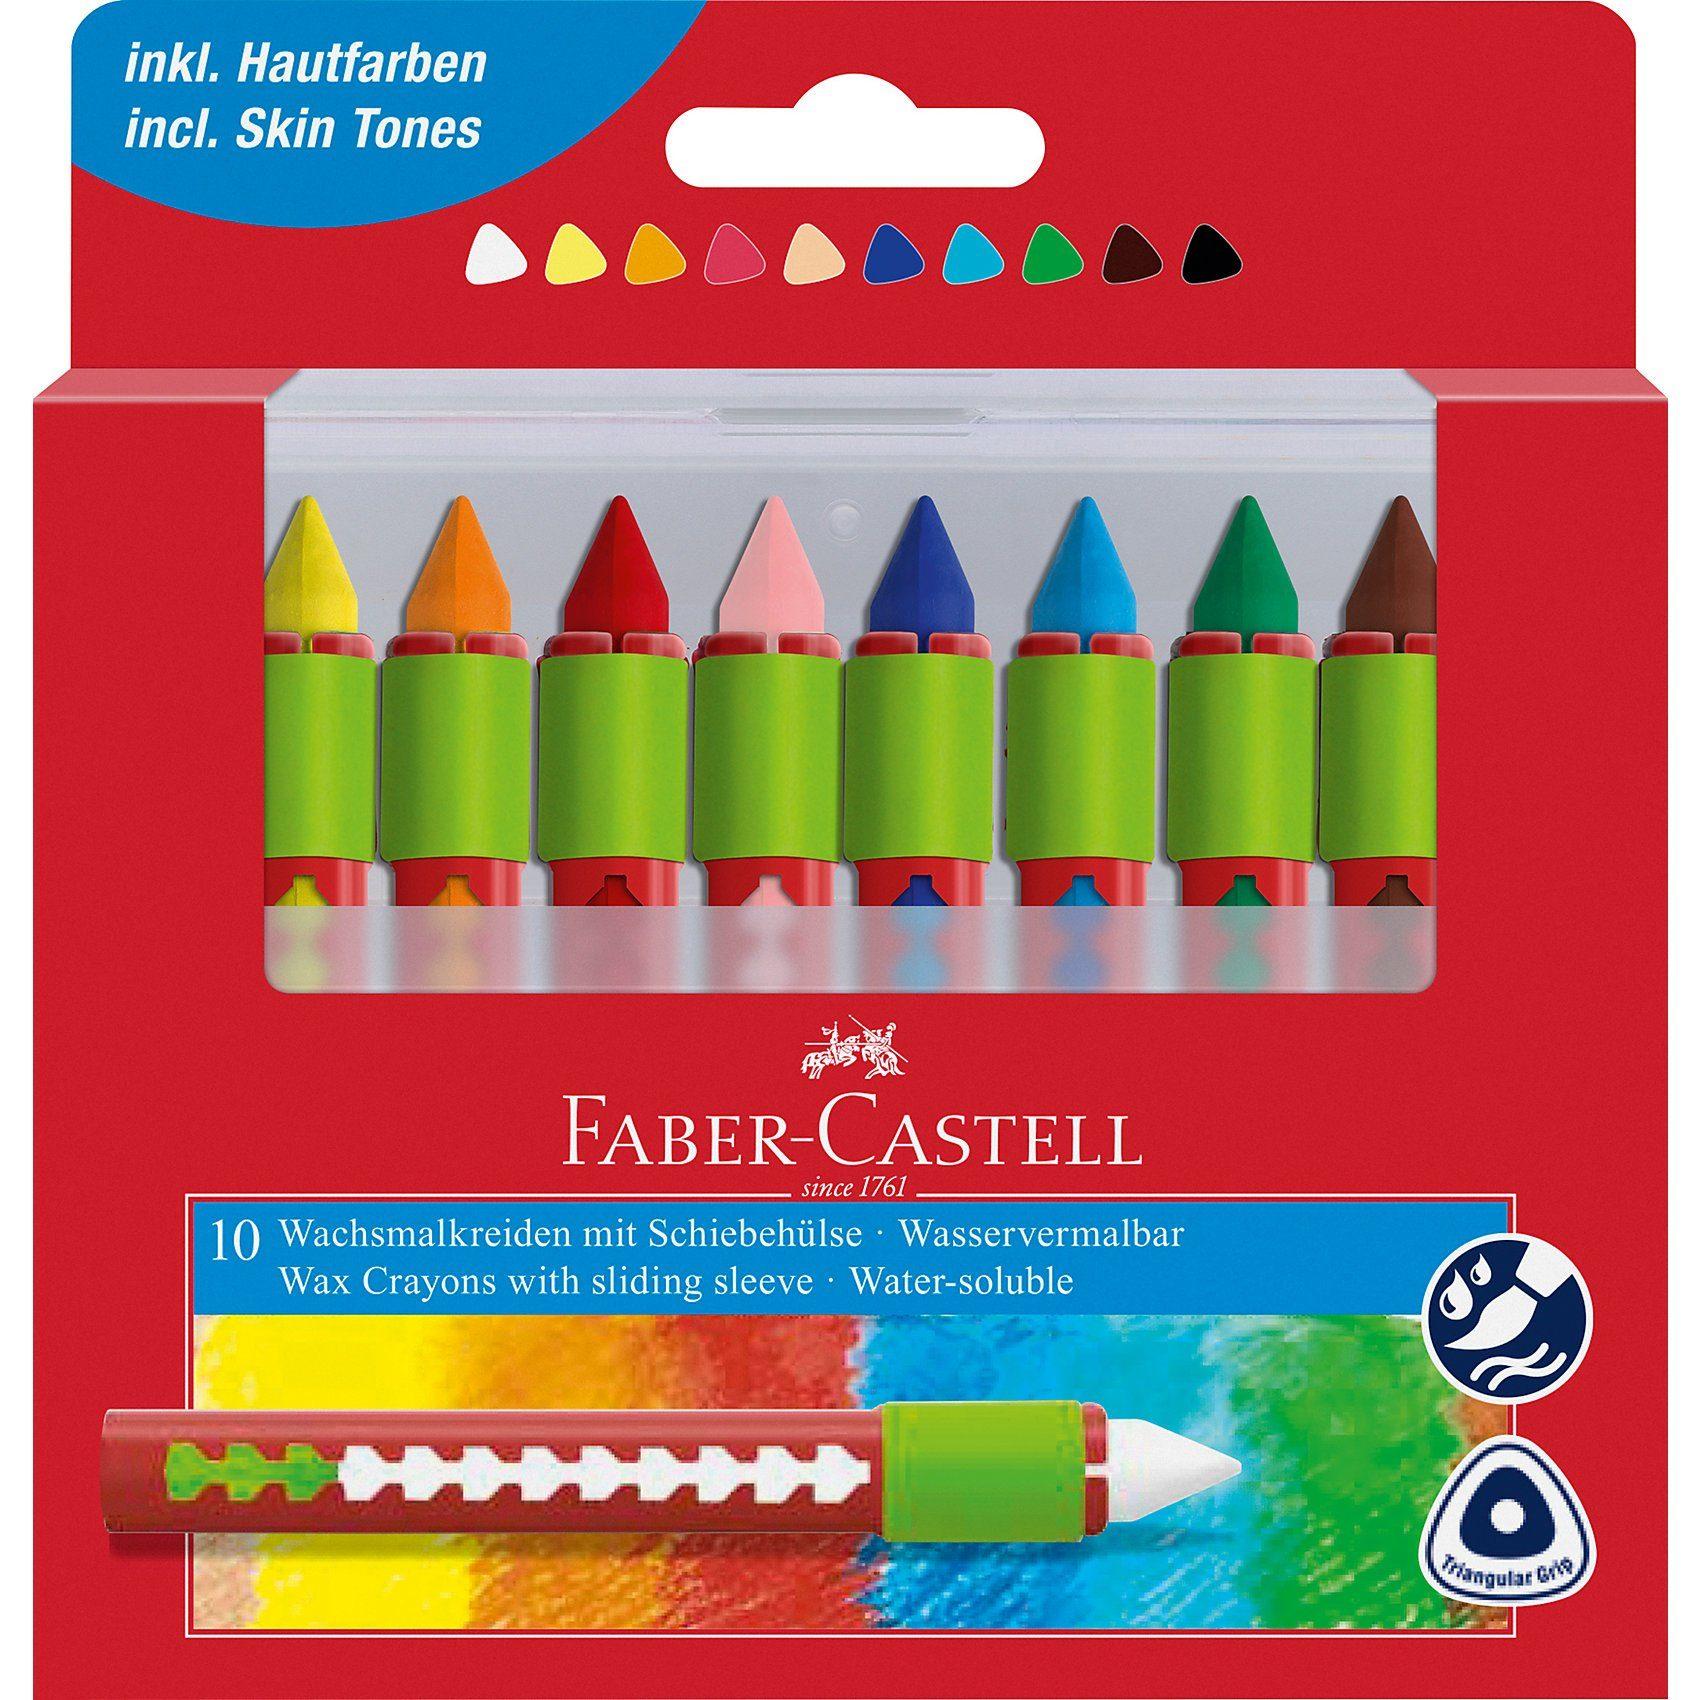 Faber-Castell Wachsmalkreiden wasservermalbar, 10 Farben